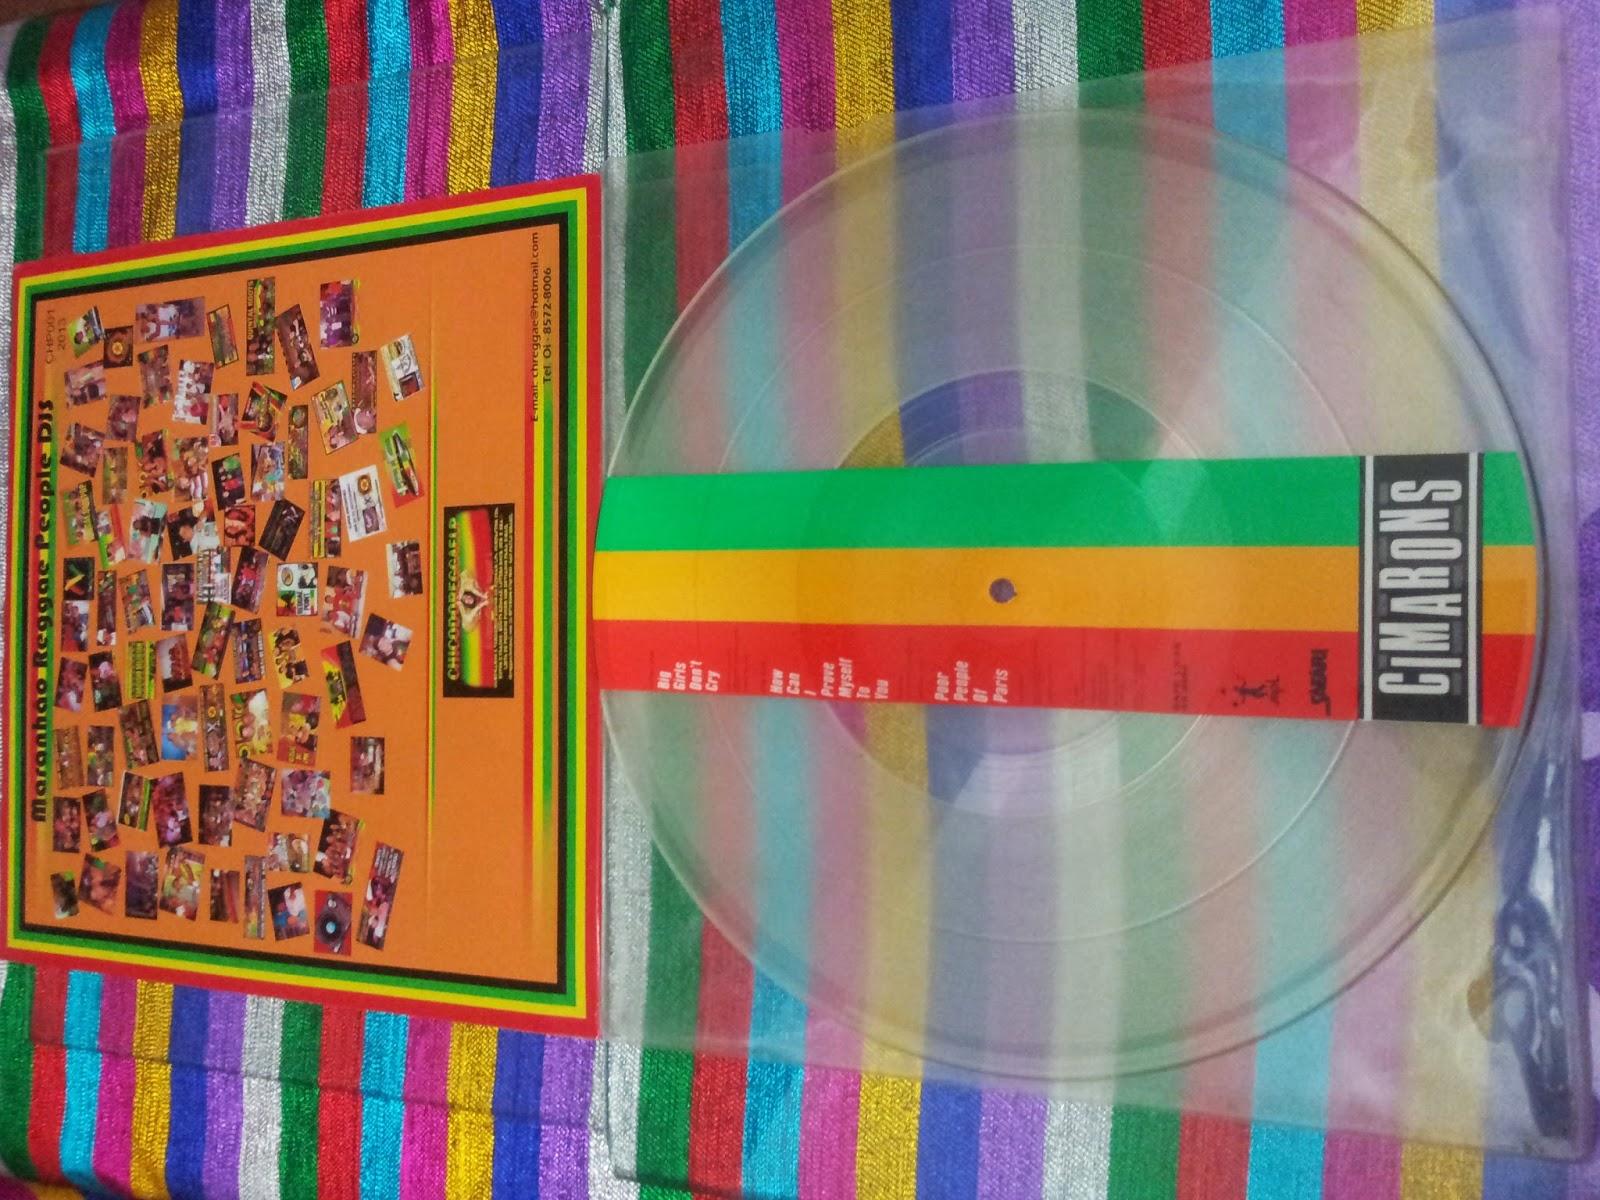 Reggae Lps A Jamaica E Aqui Outubro 2014